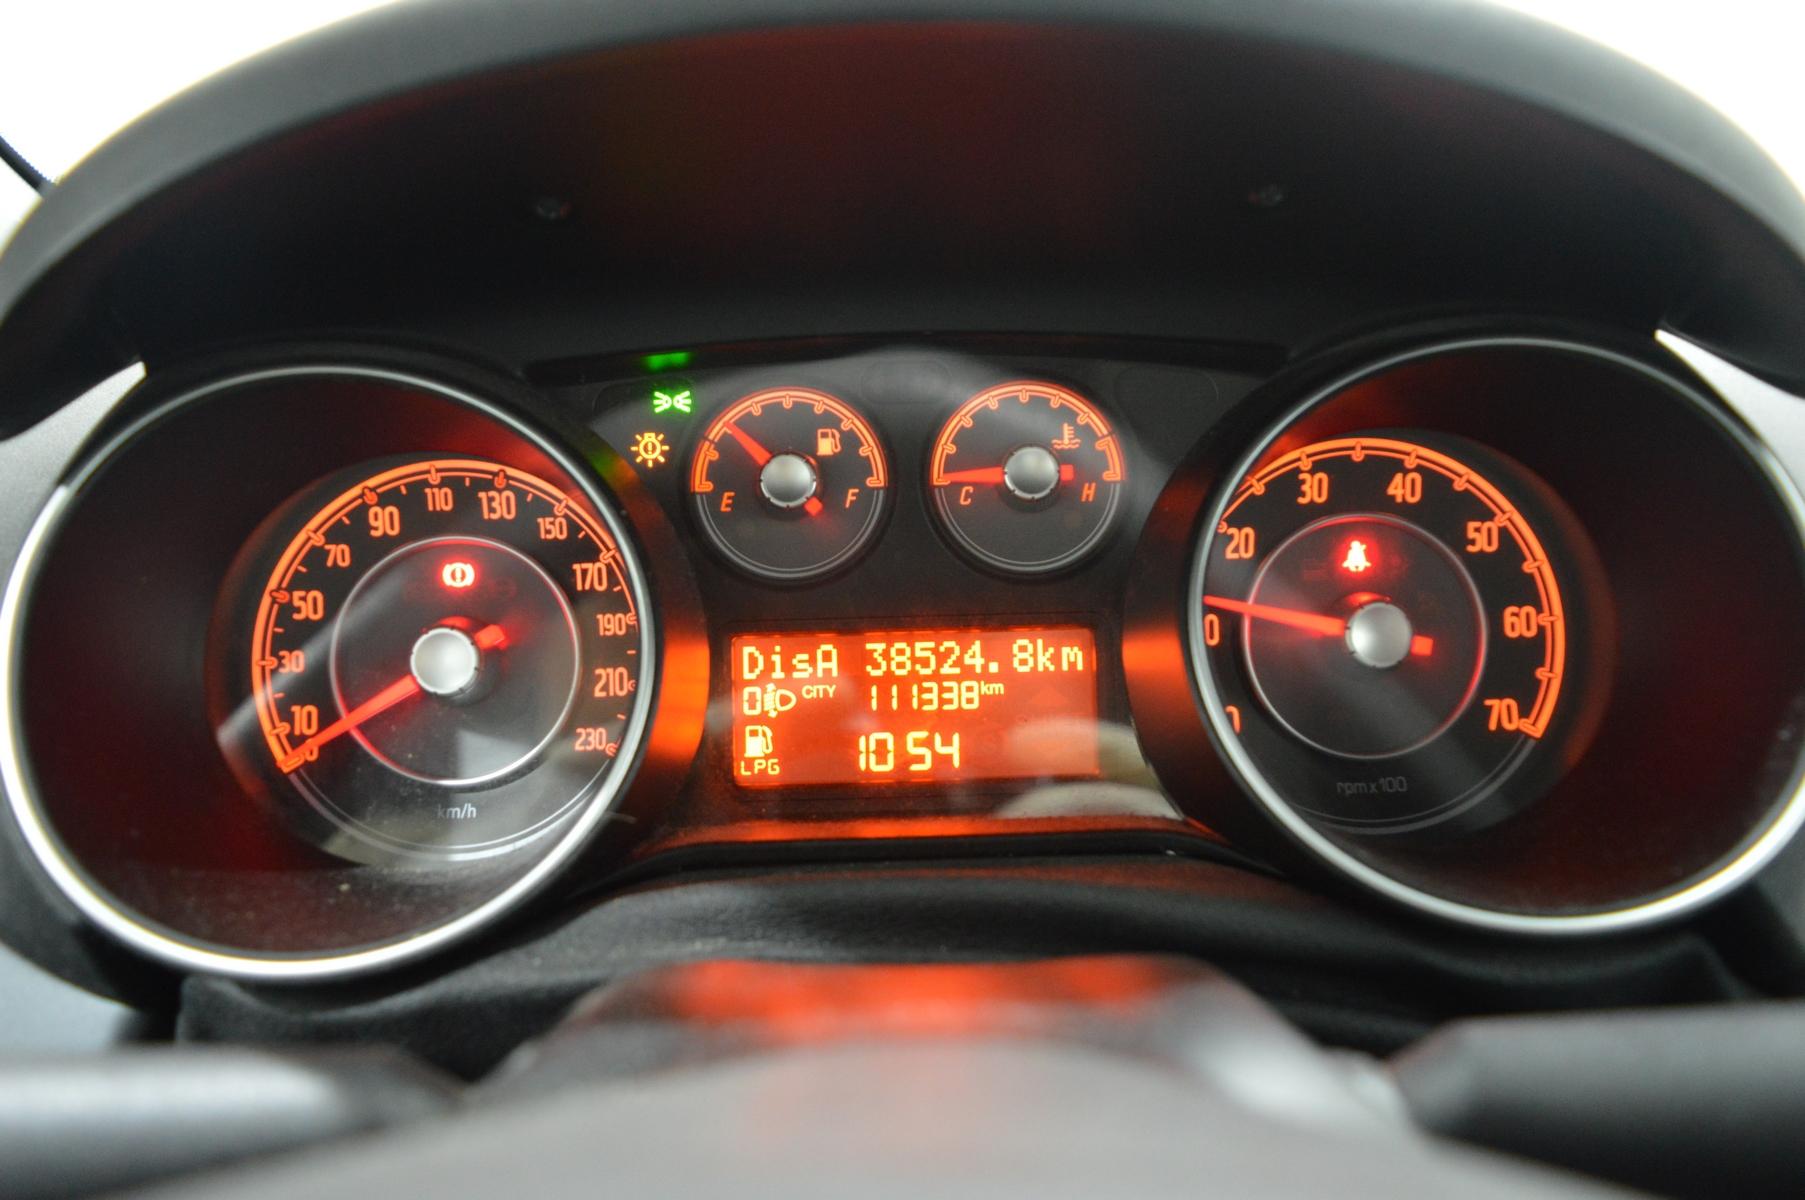 FIAT PUNTO EVO 2011 à 4500 € - Photo n°31